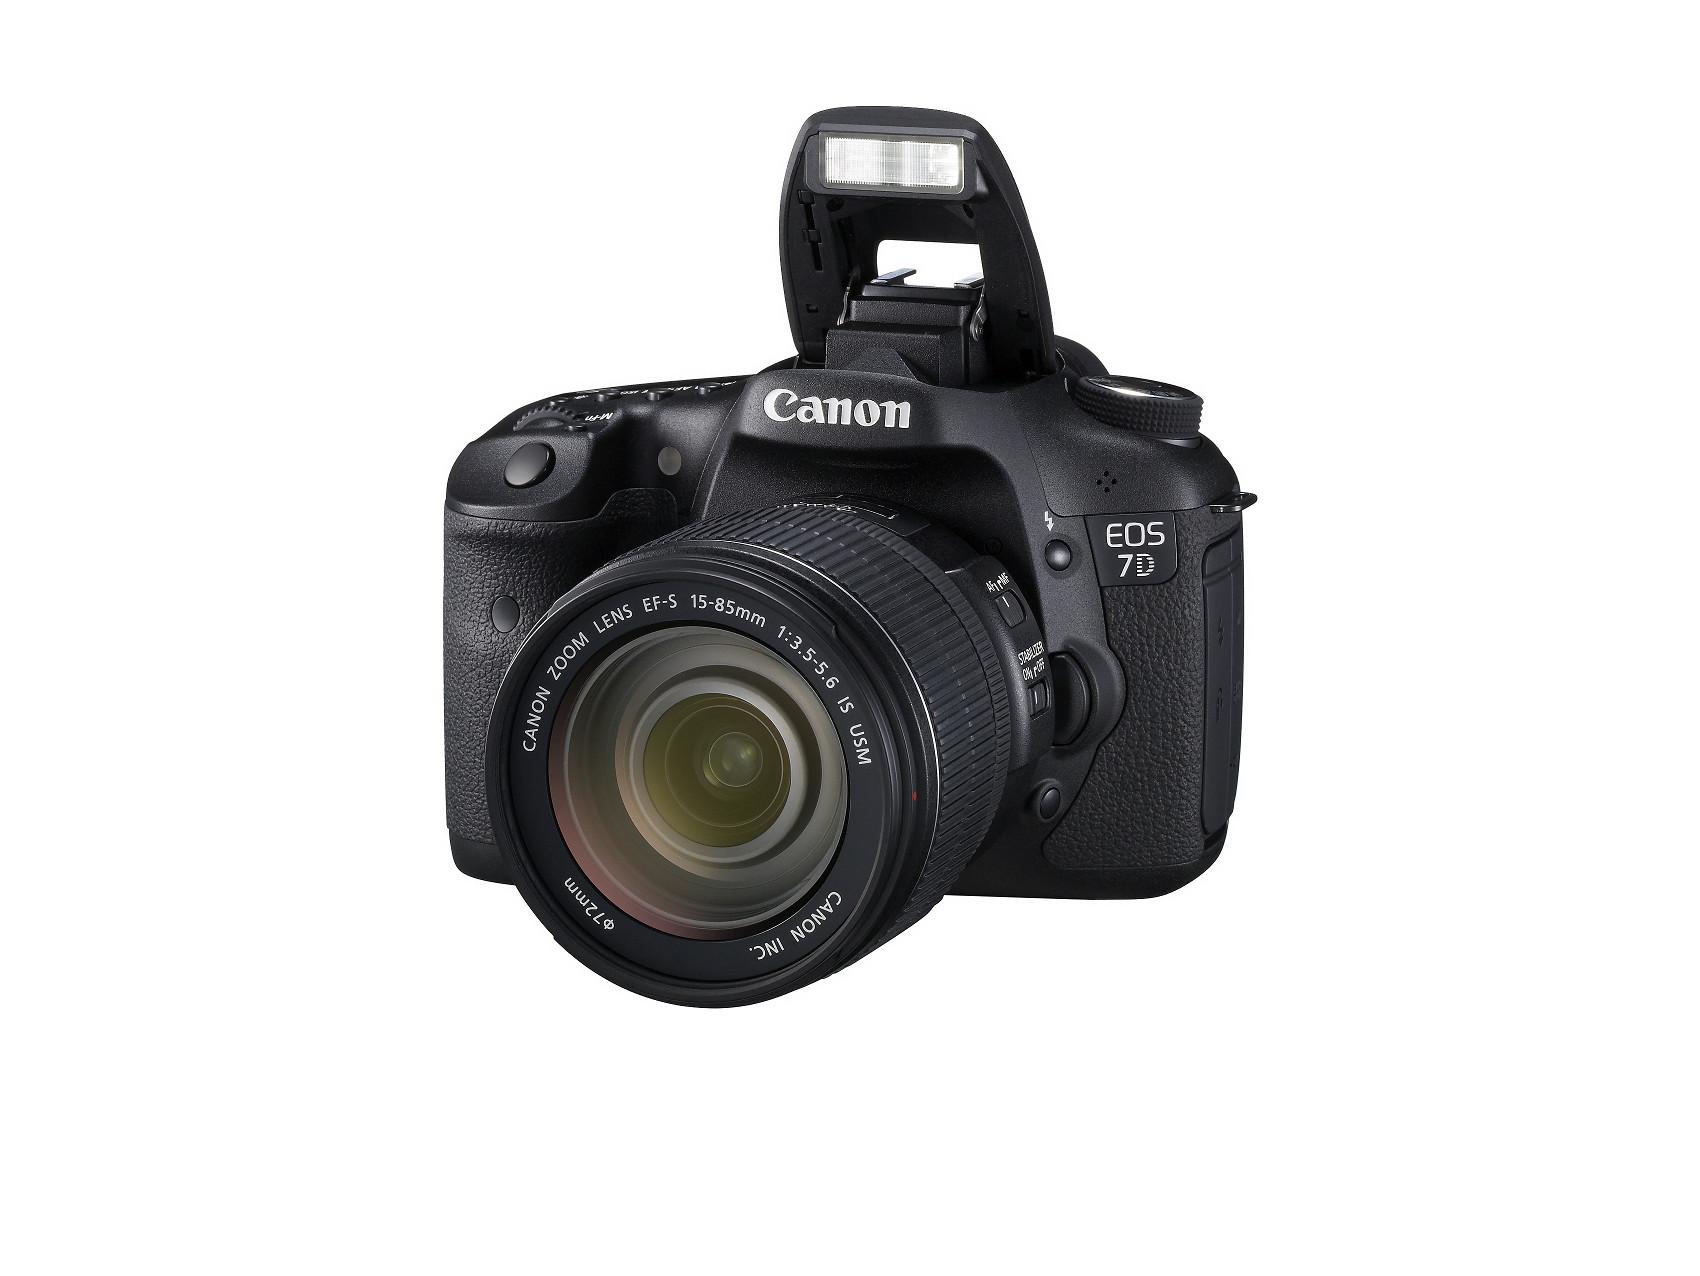 Canon EOS 7D - Firmware 1.2.1 beseitigt Probleme - Canon EOS 7D